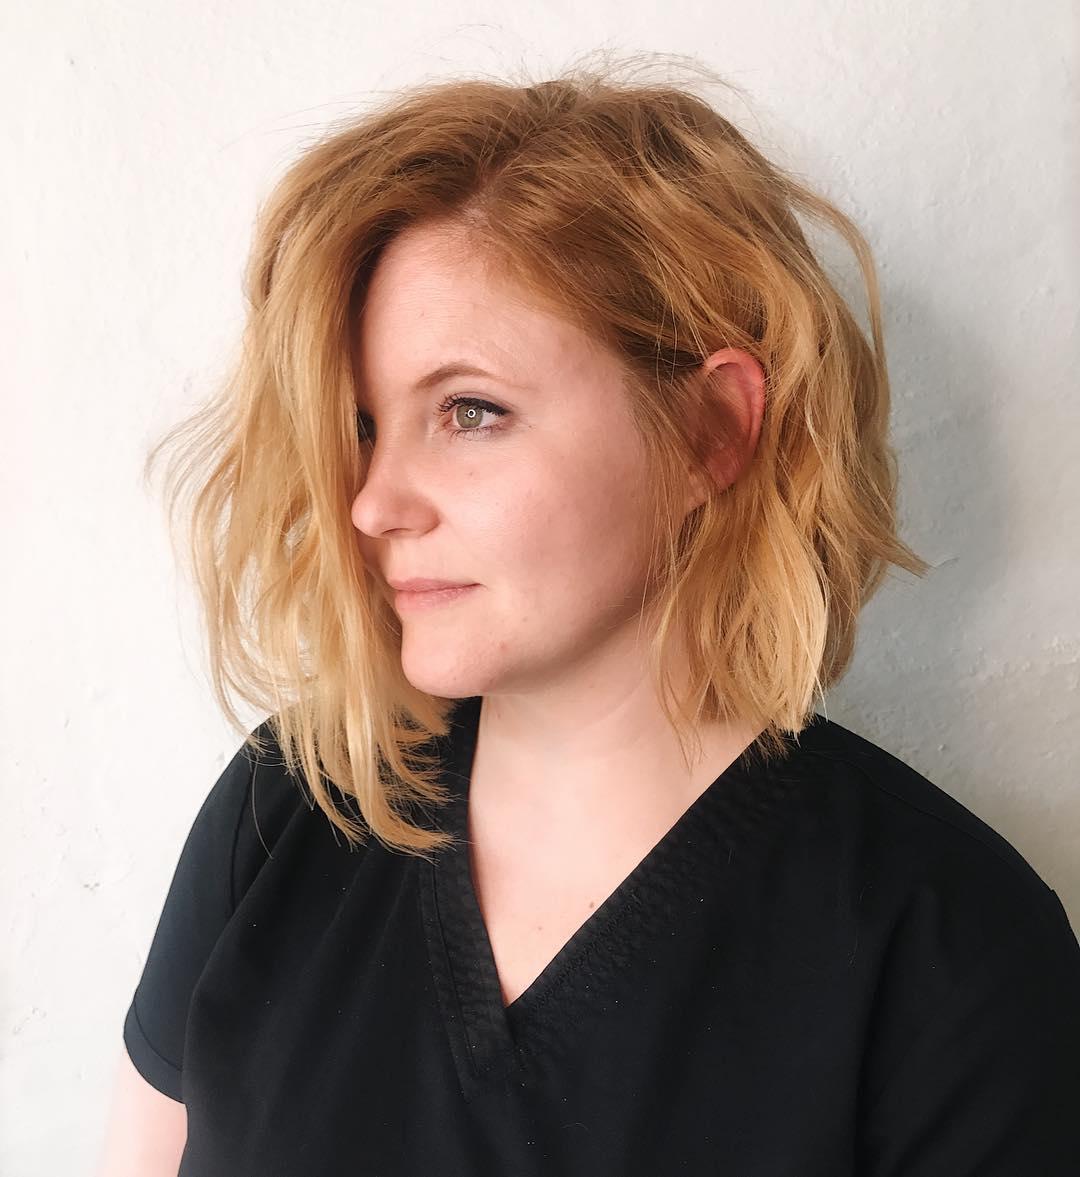 Corte-de-cabelo-shag-Penteados-modernos-para-cabelos-curtos